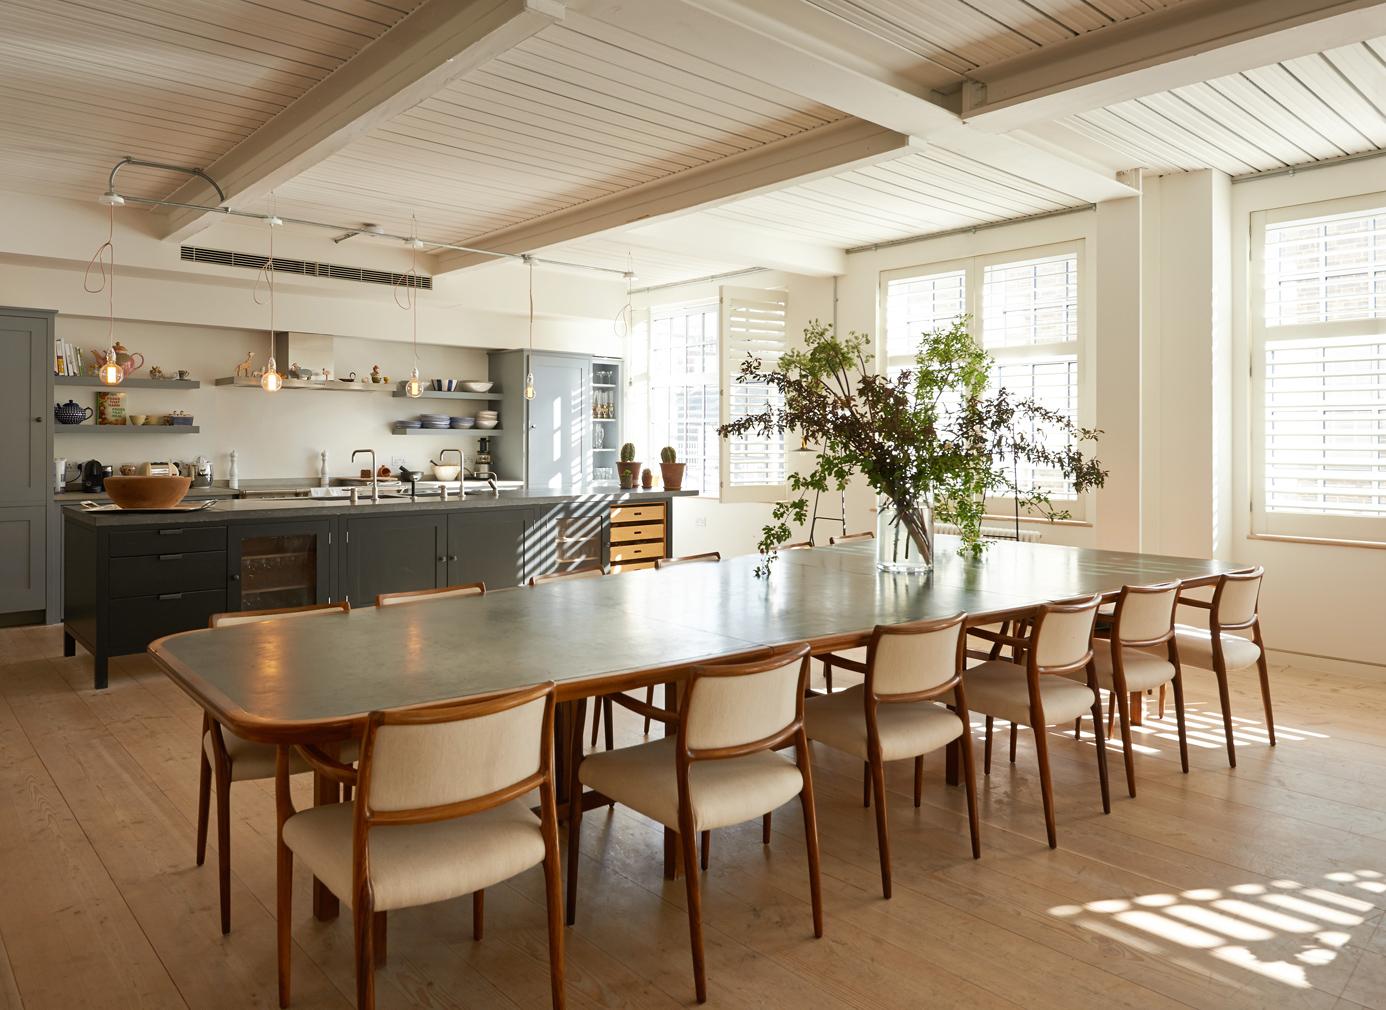 The_Spaces_Alex-Eagle-loft_kitchen